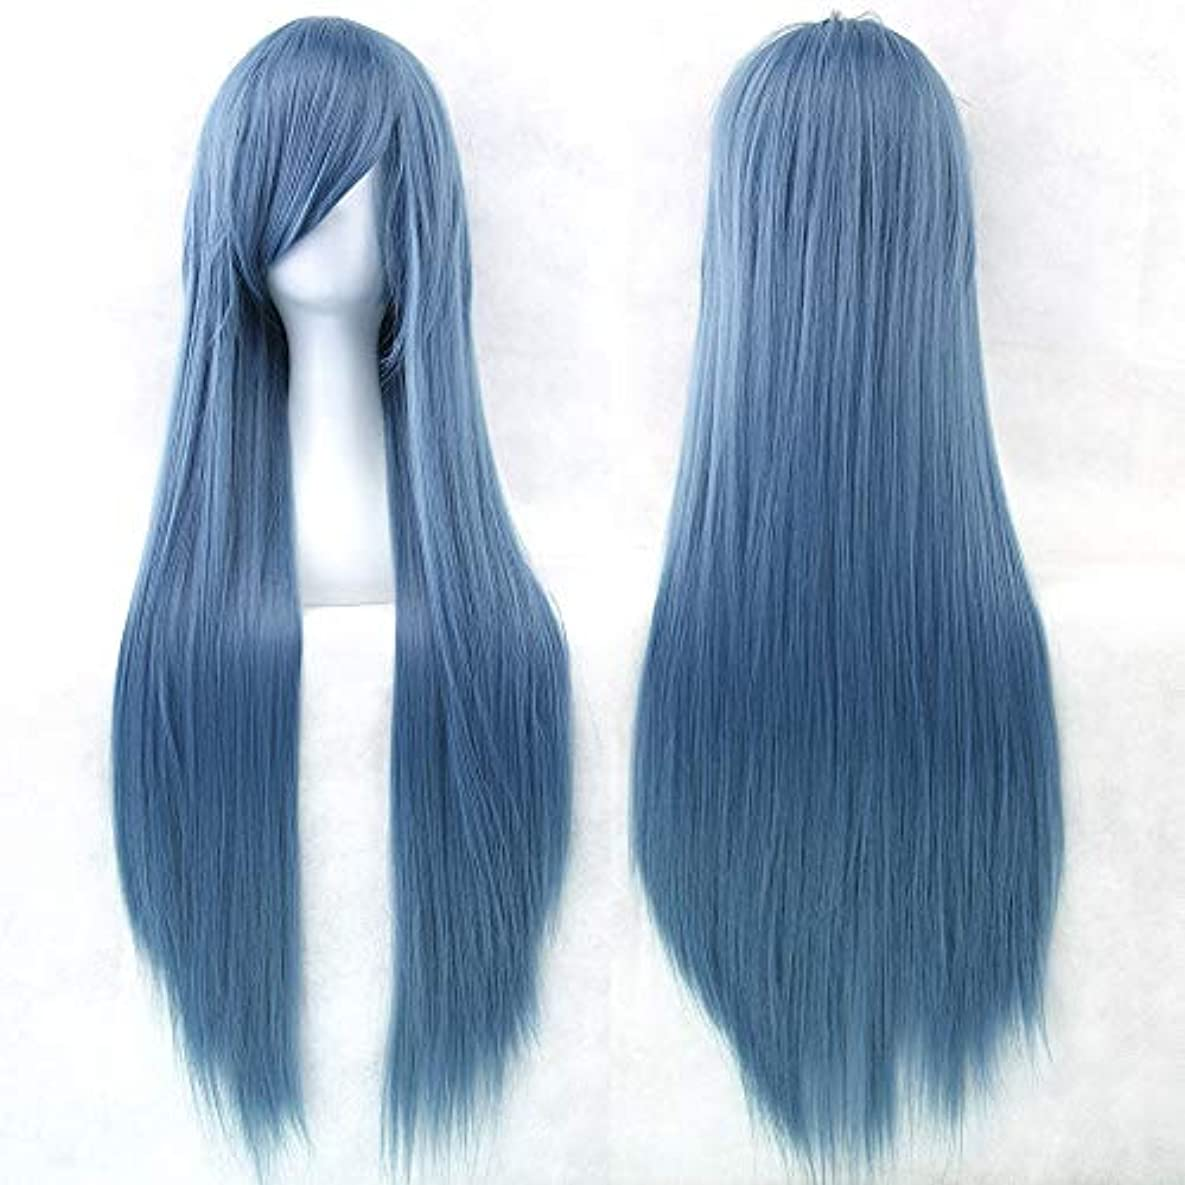 アクセサリー検体すぐに女性用ロングナチュラルストレートウィッグ31インチ人工毛替えウィッグサイド別れハロウィンコスプレ衣装アニメパーティーロリータウィッグ (Color : Indigo blue)